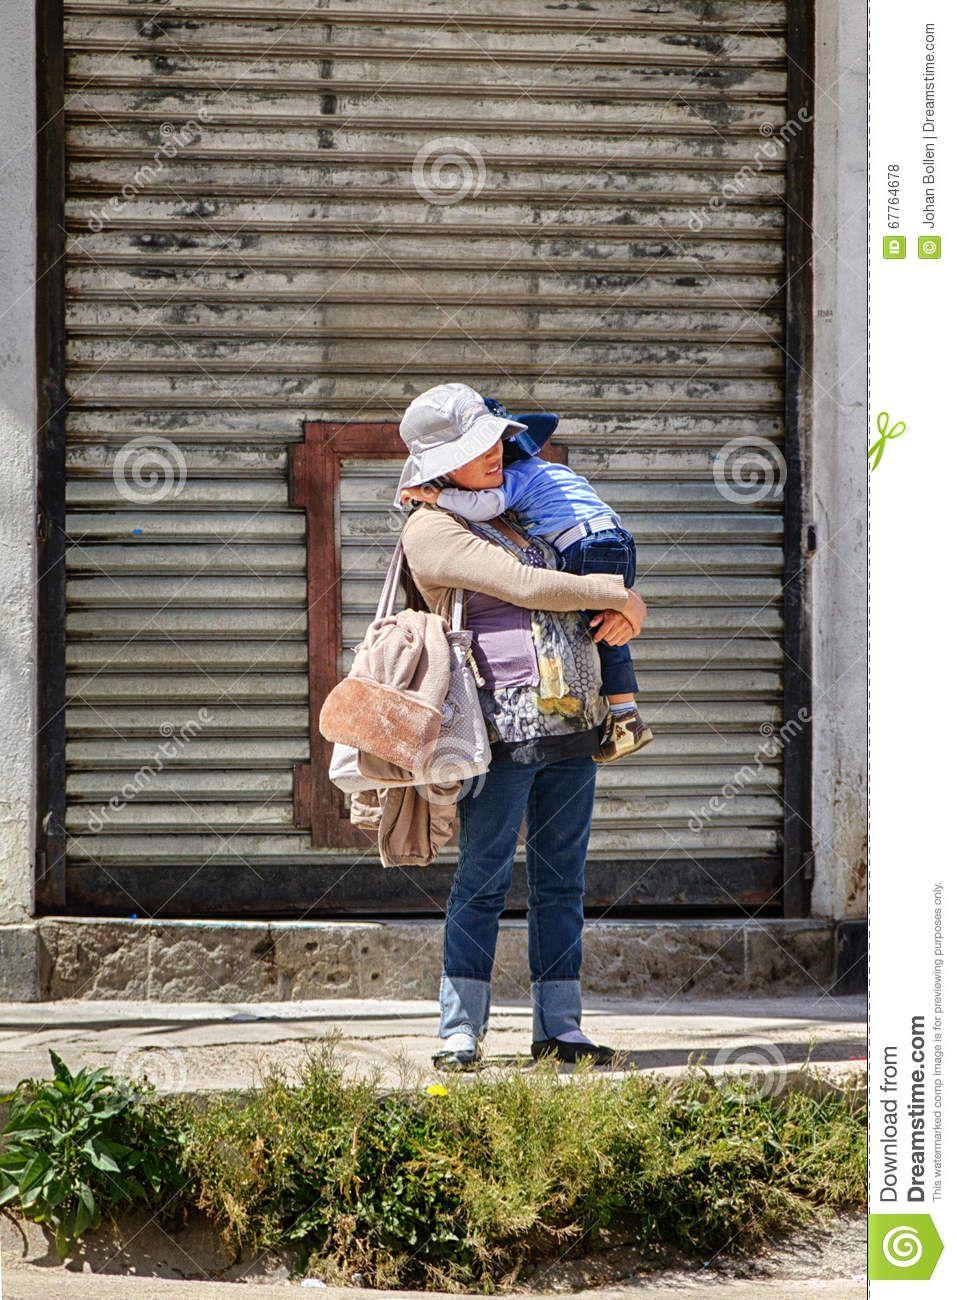 Moeder En Kind Die Op De Bus Wachten by Johan Bollen - Downloaden van meer dan 45 Miljoen hoge kwaliteit stock foto's, Beelden, Vectoren. Schrijf vandaag GRATIS in. Afbeelding: 67764678